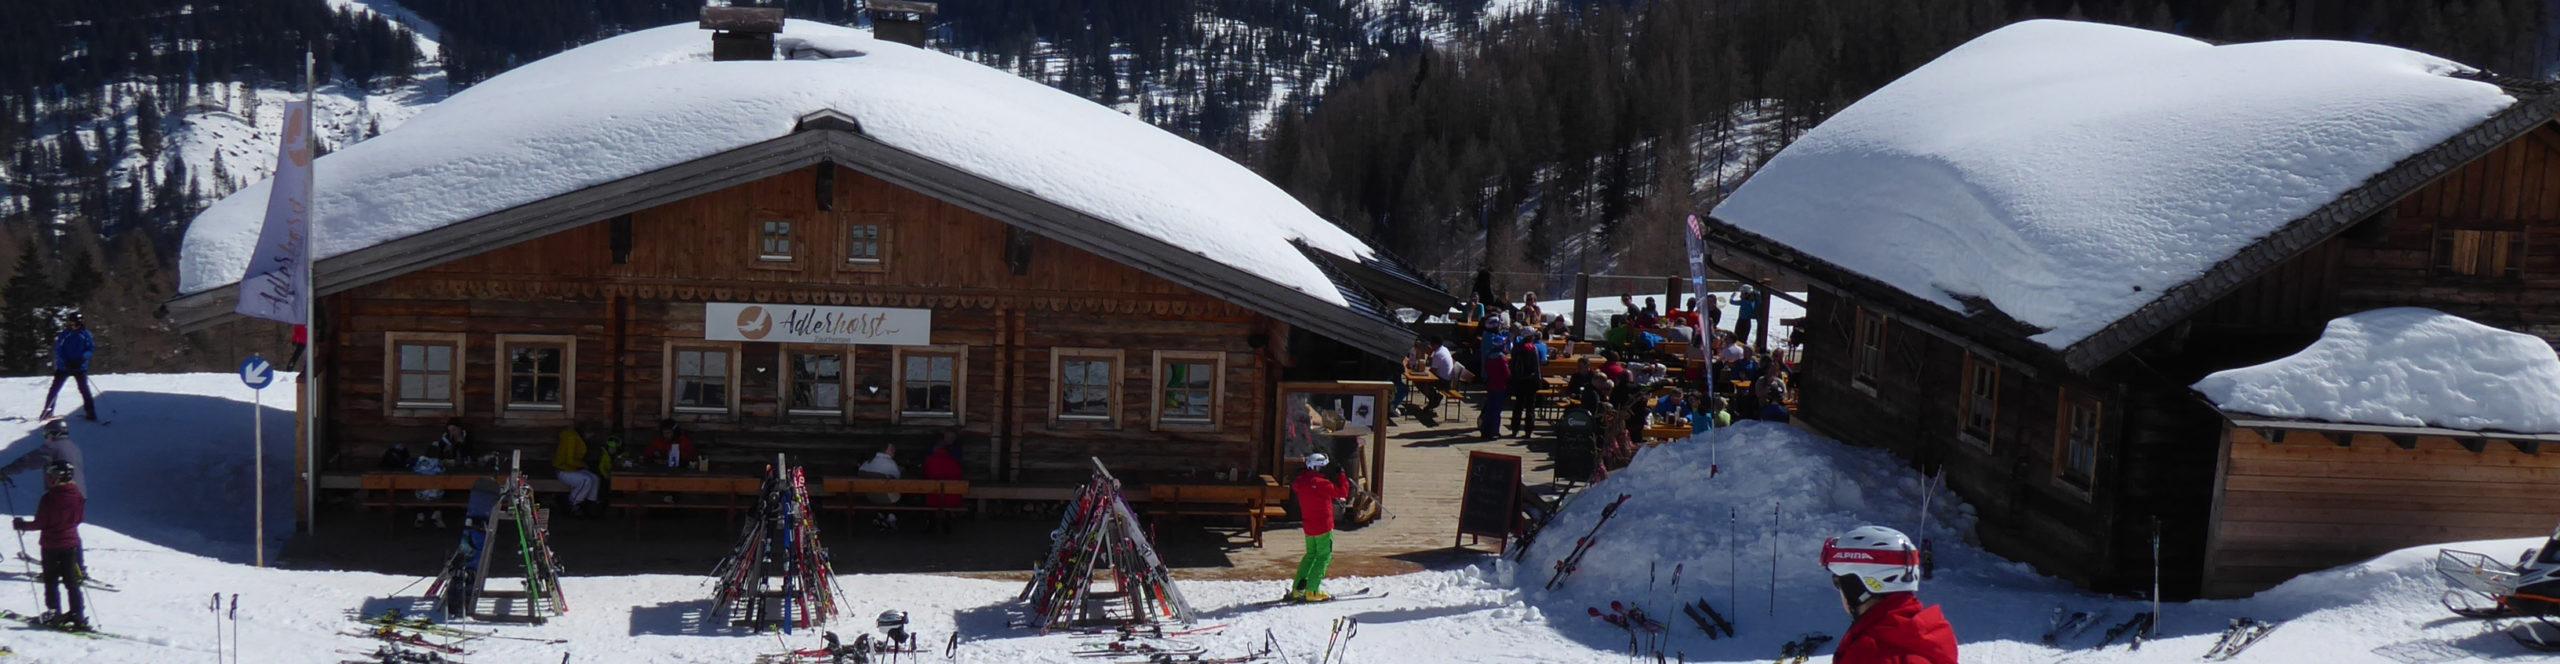 FLACHAU – ZAUCHENSEE- SkiWochenende – PistenSpaß in der 3 Täler Skischaukel 3 Sterne Hotel in Altenmarkt – ab Donnerstag Nachmittag